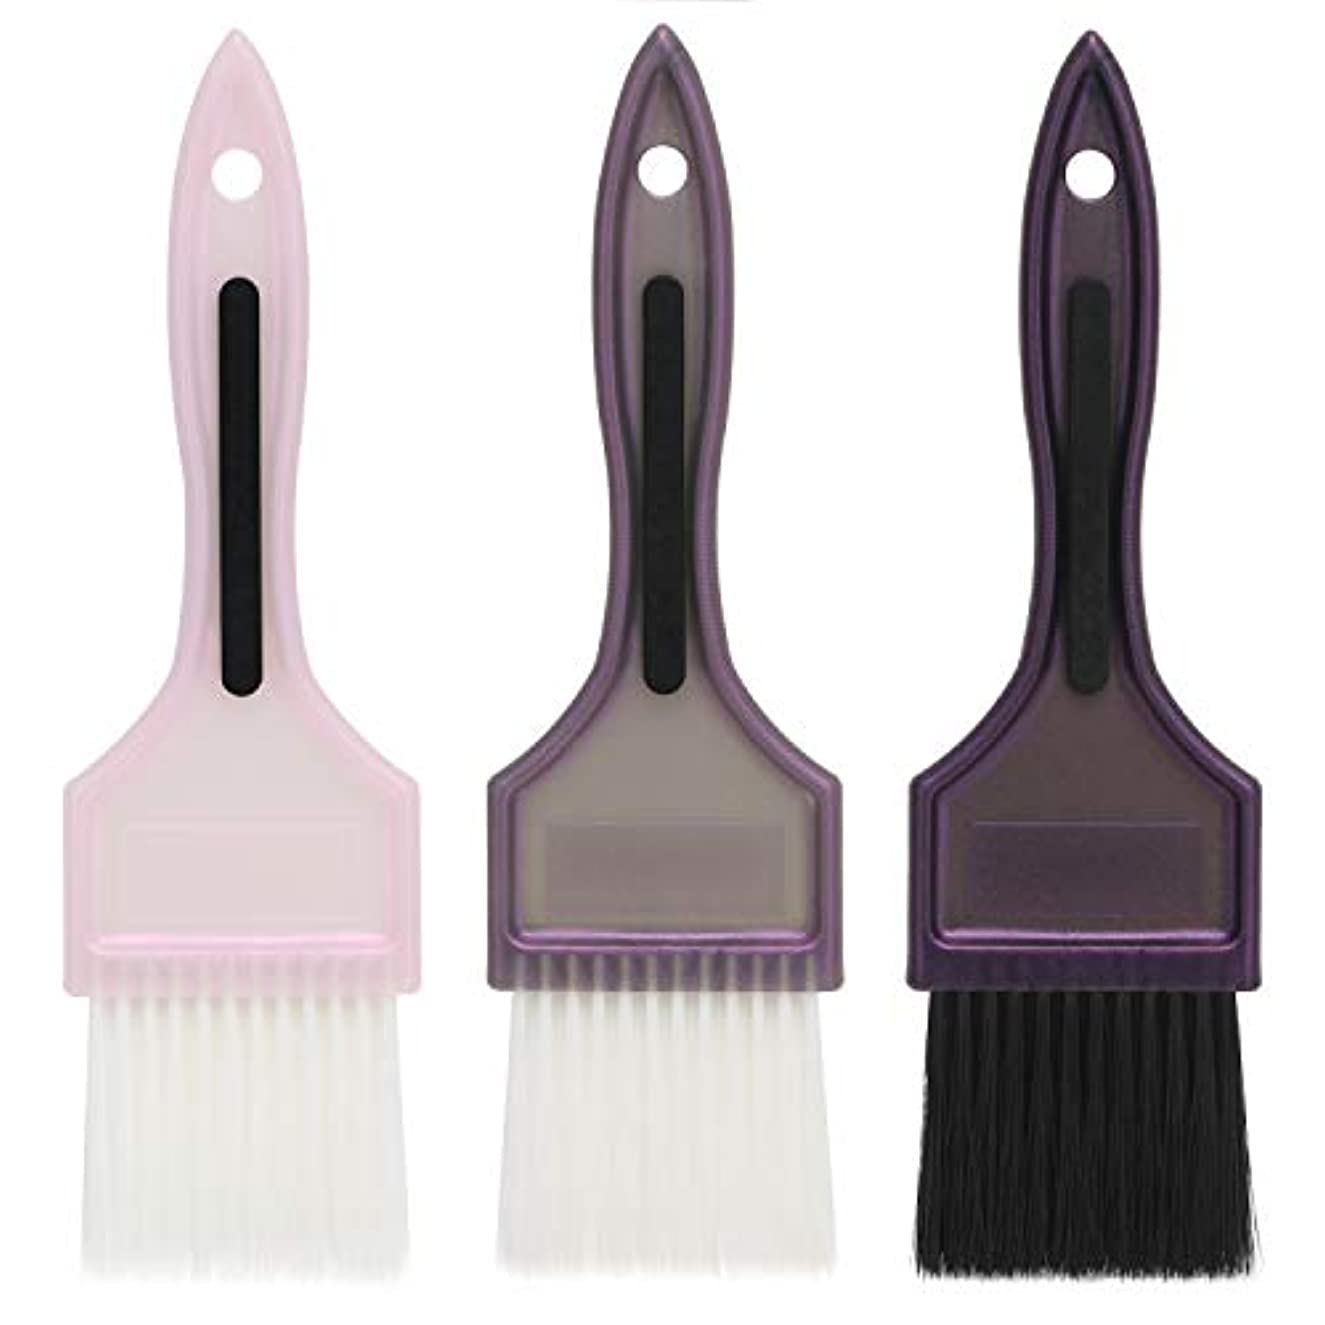 表面的な緯度好むSegbeauty 髪染め用 ヘアダイブラシ 3本セット カラーブラシ